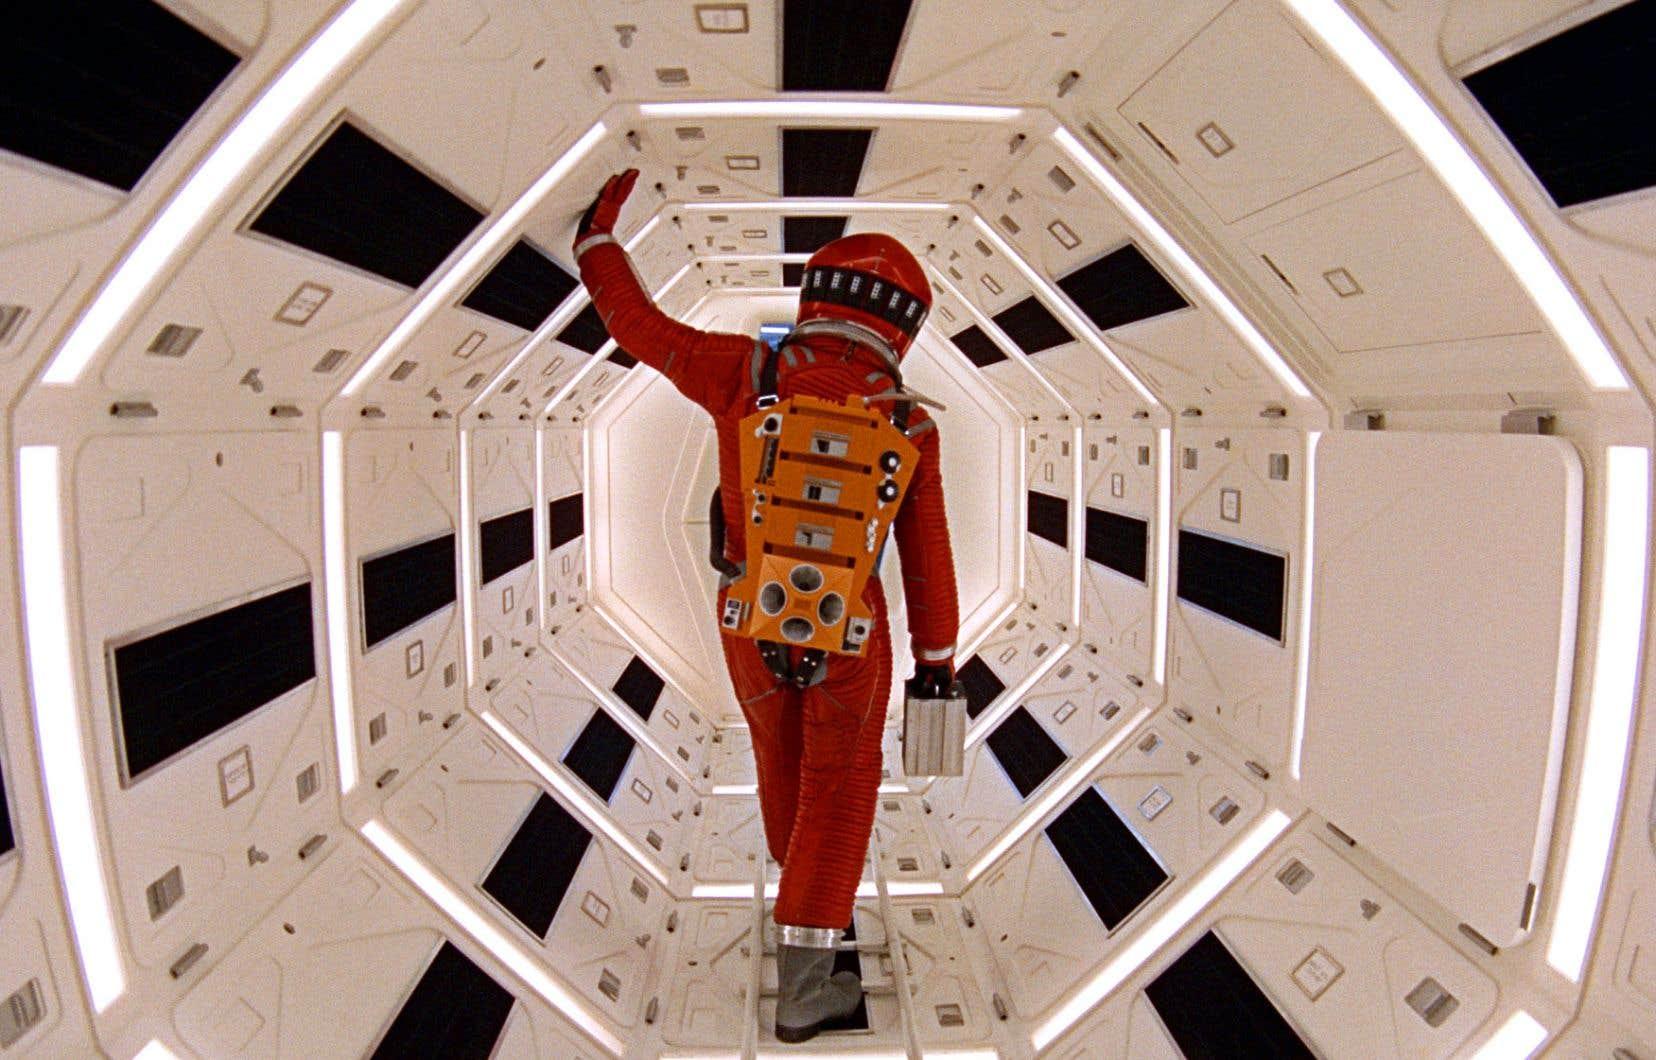 Déjà, en 1968, le réalisateur visionnaire Stanley Kubrick montrait, dans son cultissime «2001, l'odyssée de l'espace», le passager d'un vol commercial effectuant une escale dans un hôtel en orbite autour de la Terre sur sa route vers une colonie lunaire.